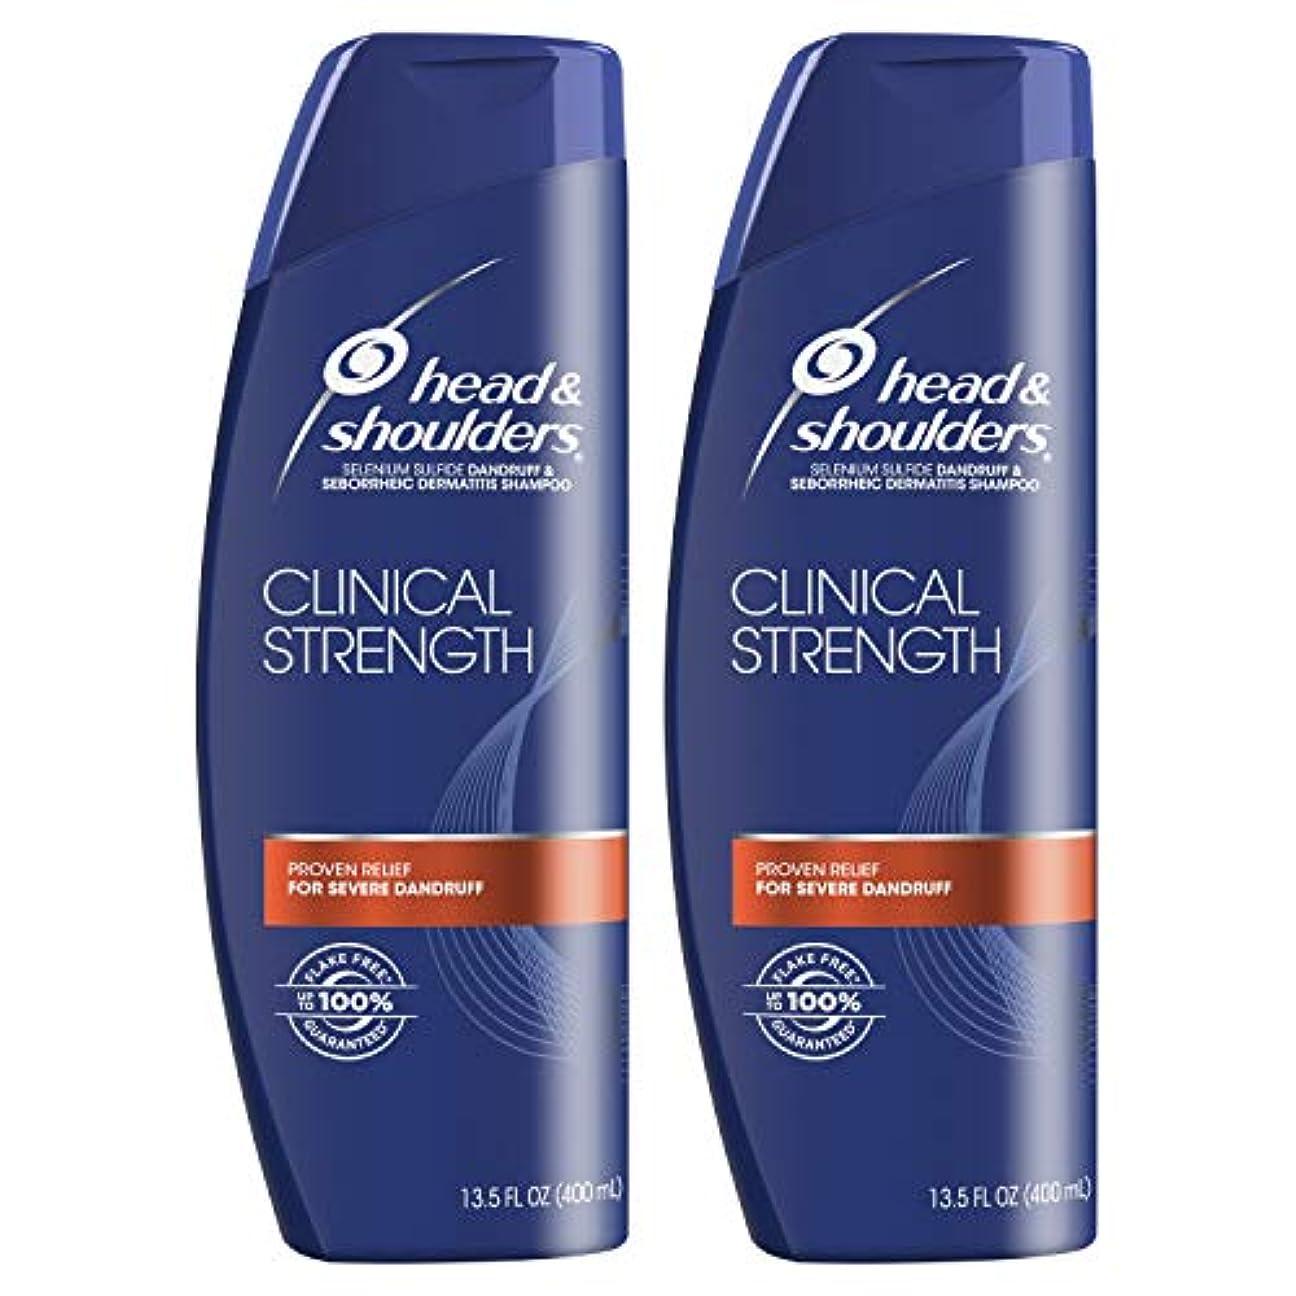 縁ロビーロイヤリティHead and Shoulders Clinical Strength Dandruff and Seborrheic Dermatitisシャンプー、13.5 FL OZ